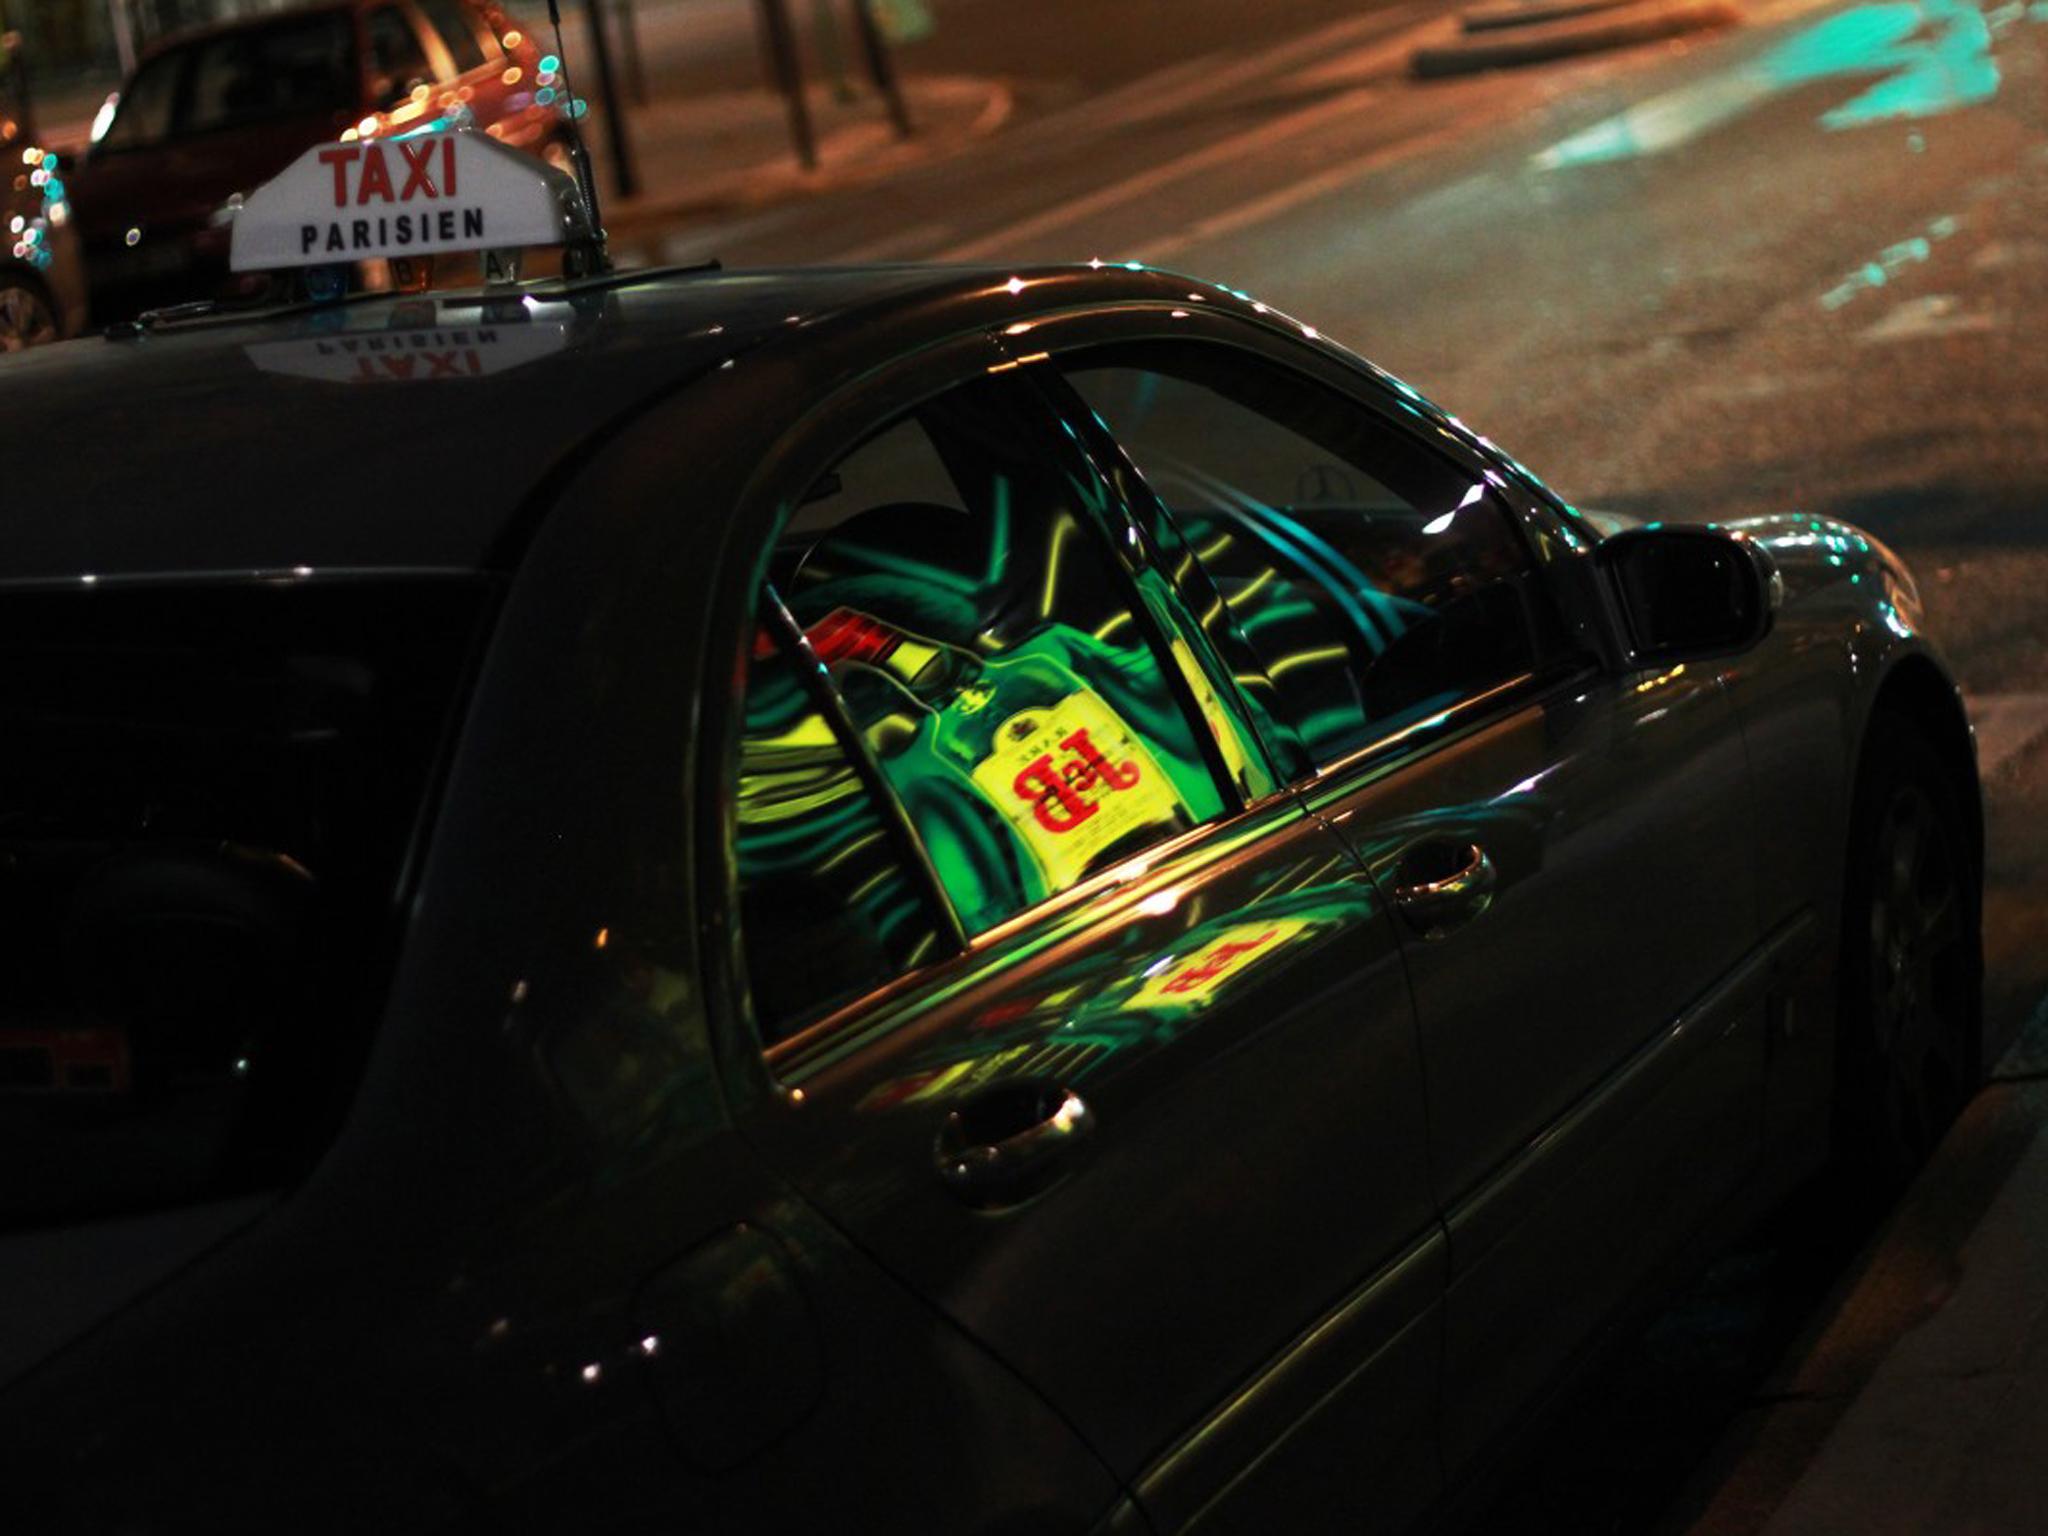 Taxi in Paris